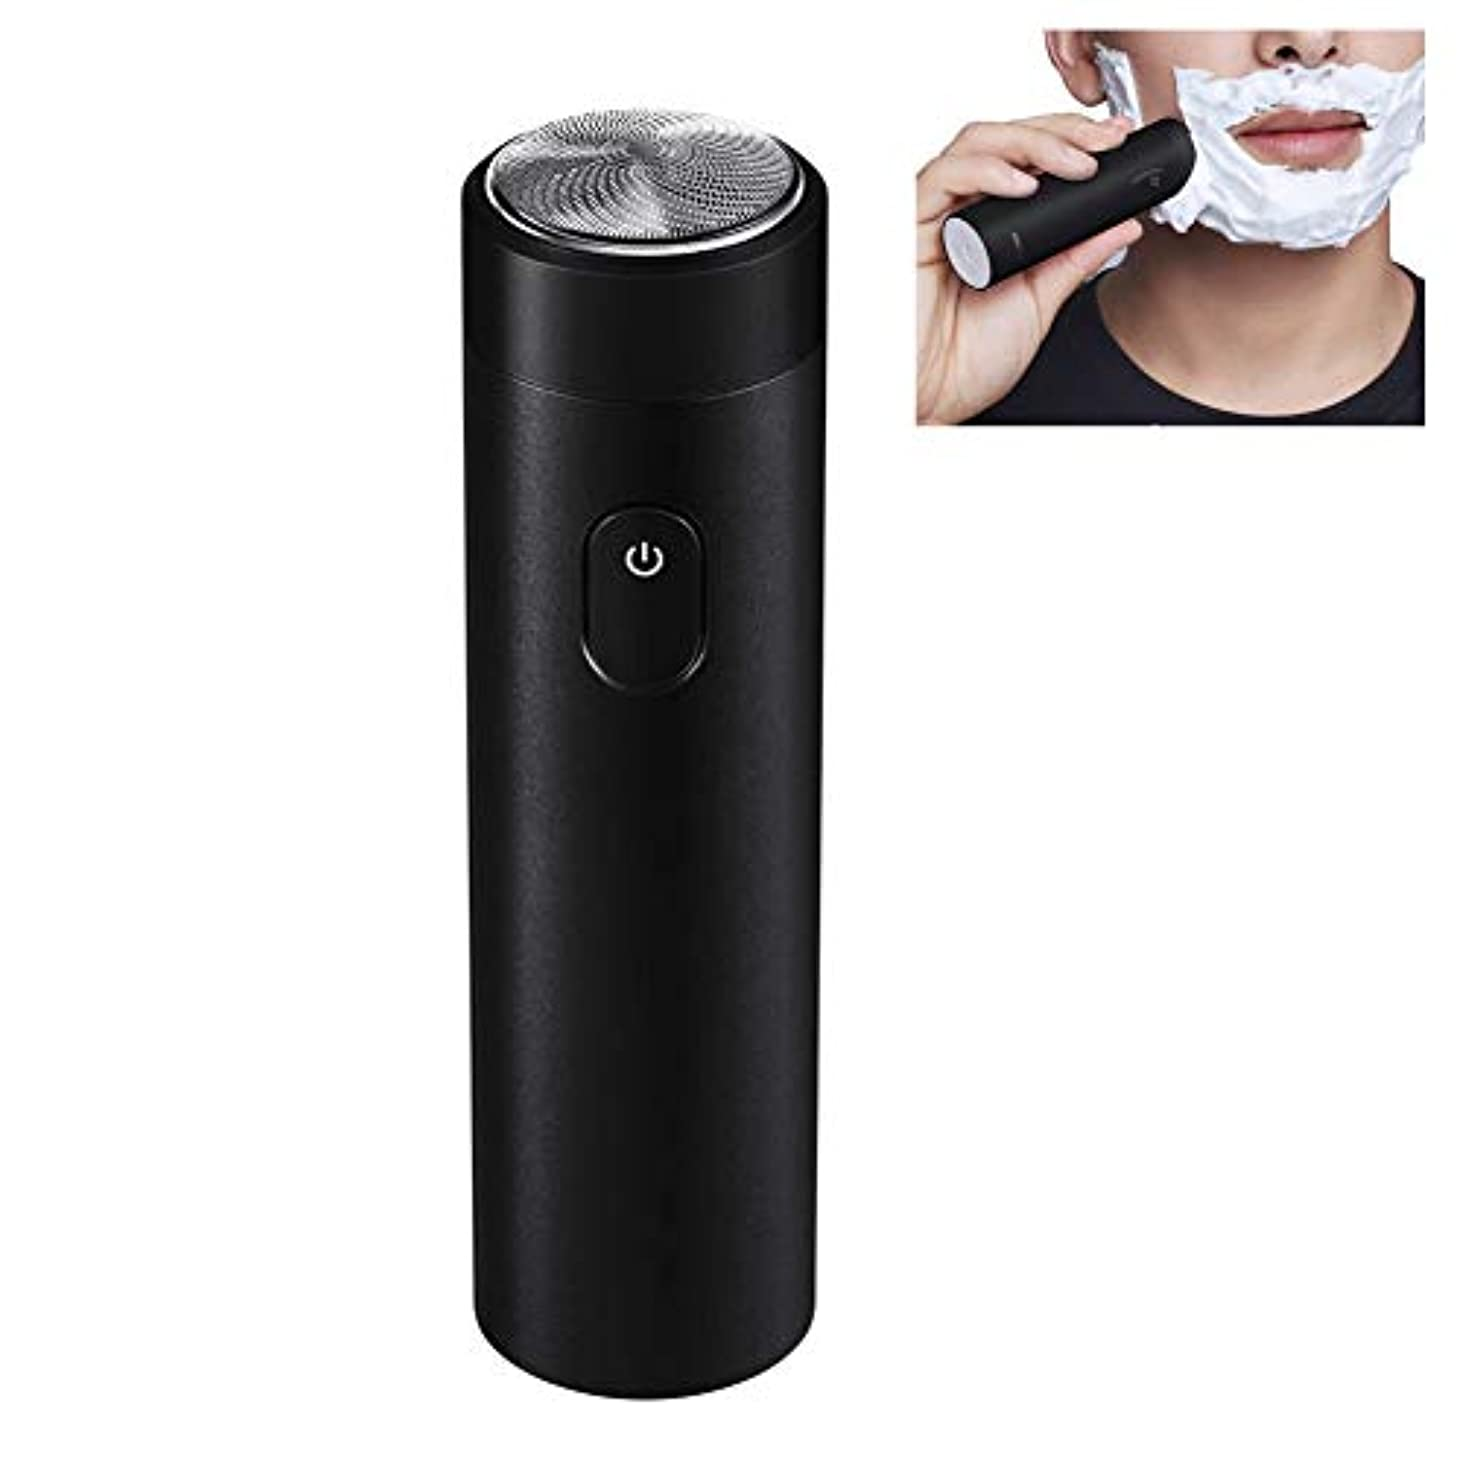 かまど盗賊ポーン携帯用ホイルかみそり、USBの電気IPX7は電気かみそりの回転式乾燥したぬれた使用かみそりを防水します,Black